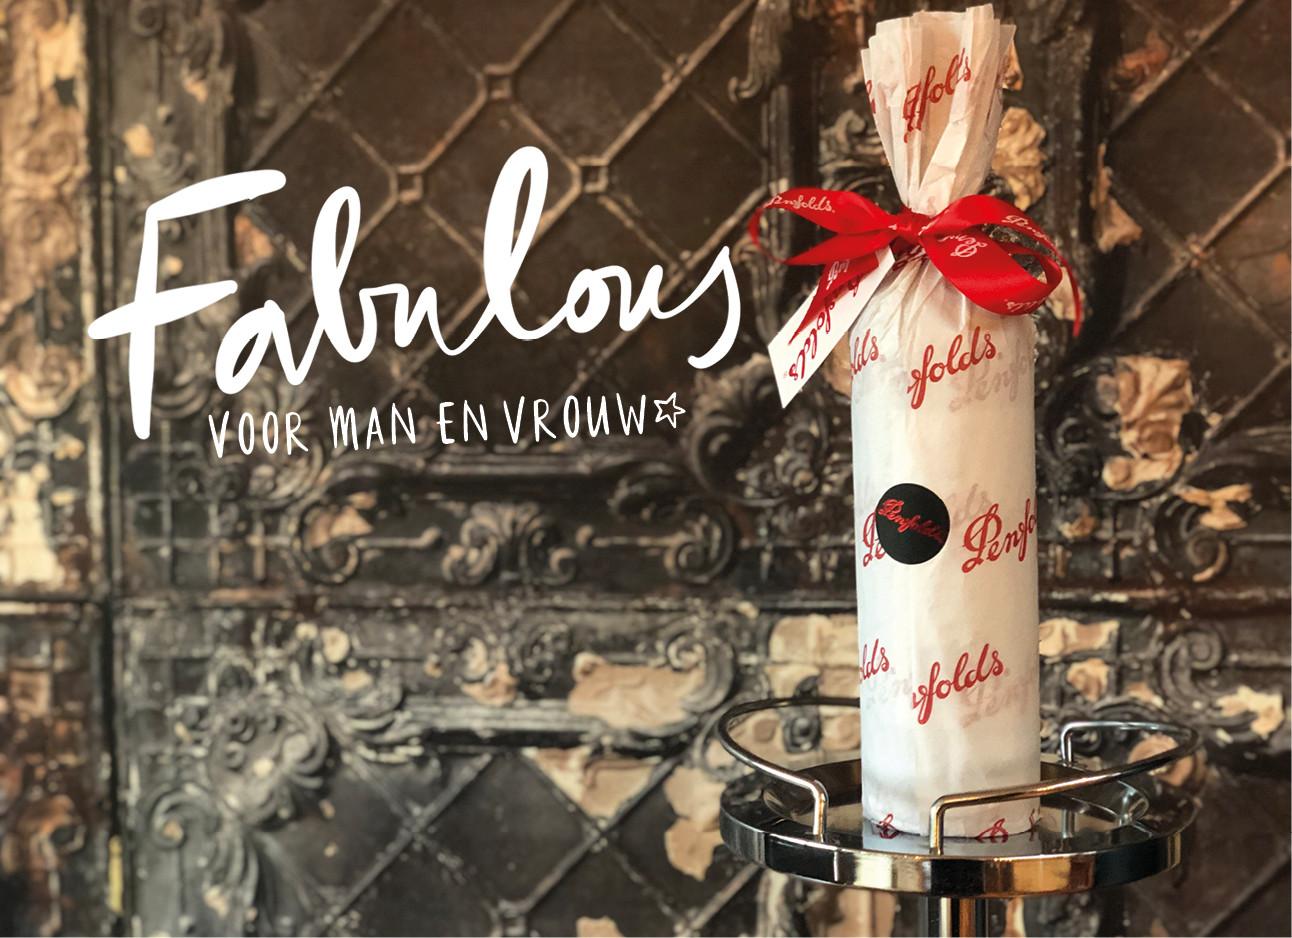 een wijn fles van het merk penfold